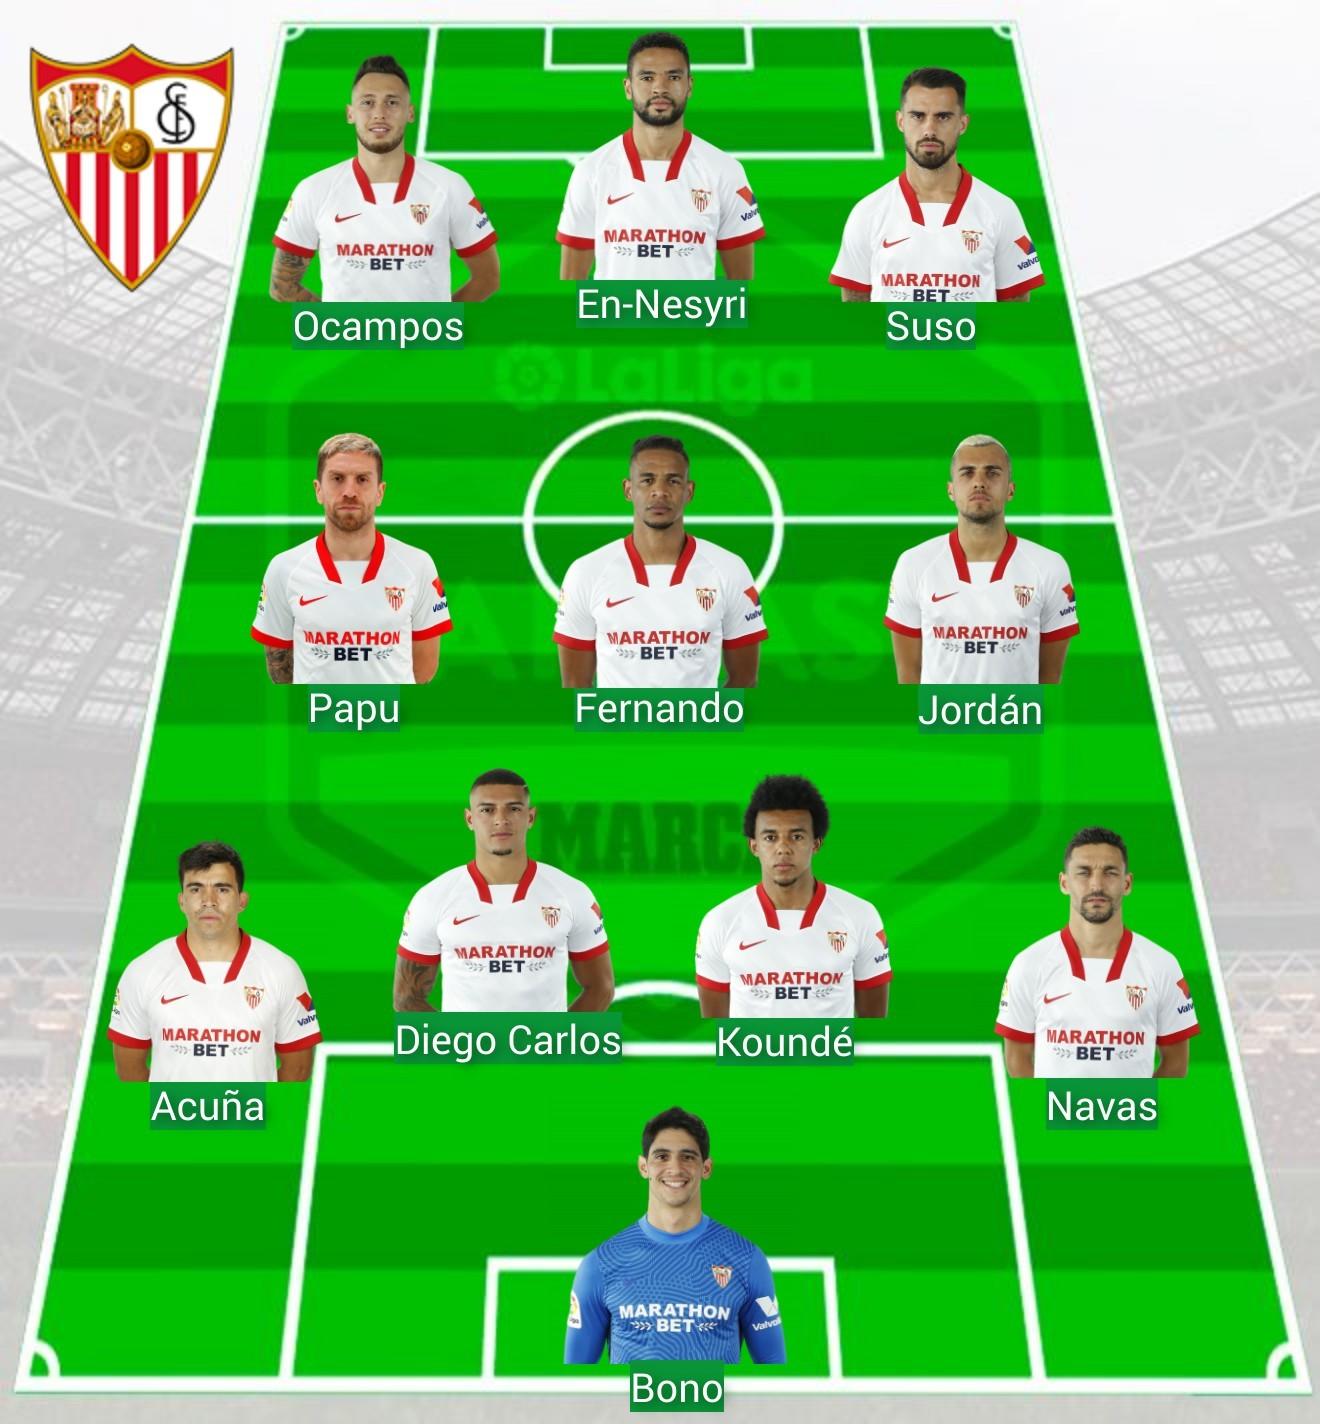 Fichajes Sevilla: traspasos, rumores, altas y bajas para la temporada 2021/22 en Primera División